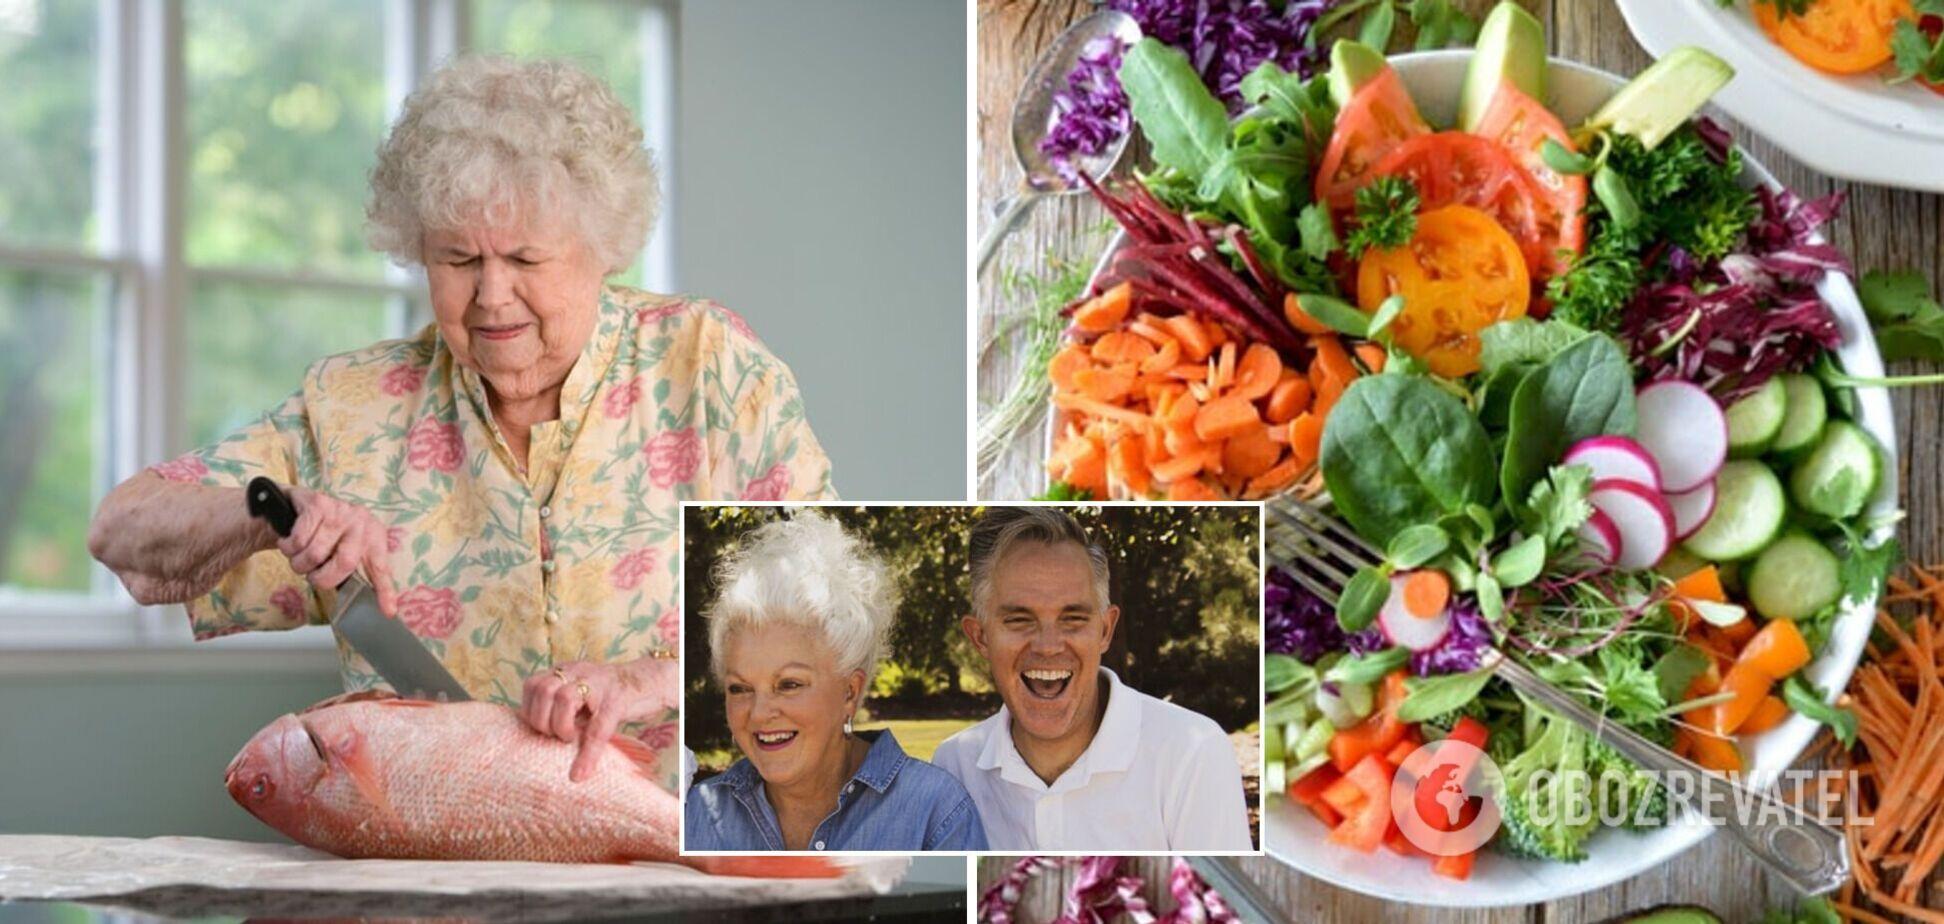 Ученые назвали диету, соблюдение которой может продлить жизнь: результаты исследования